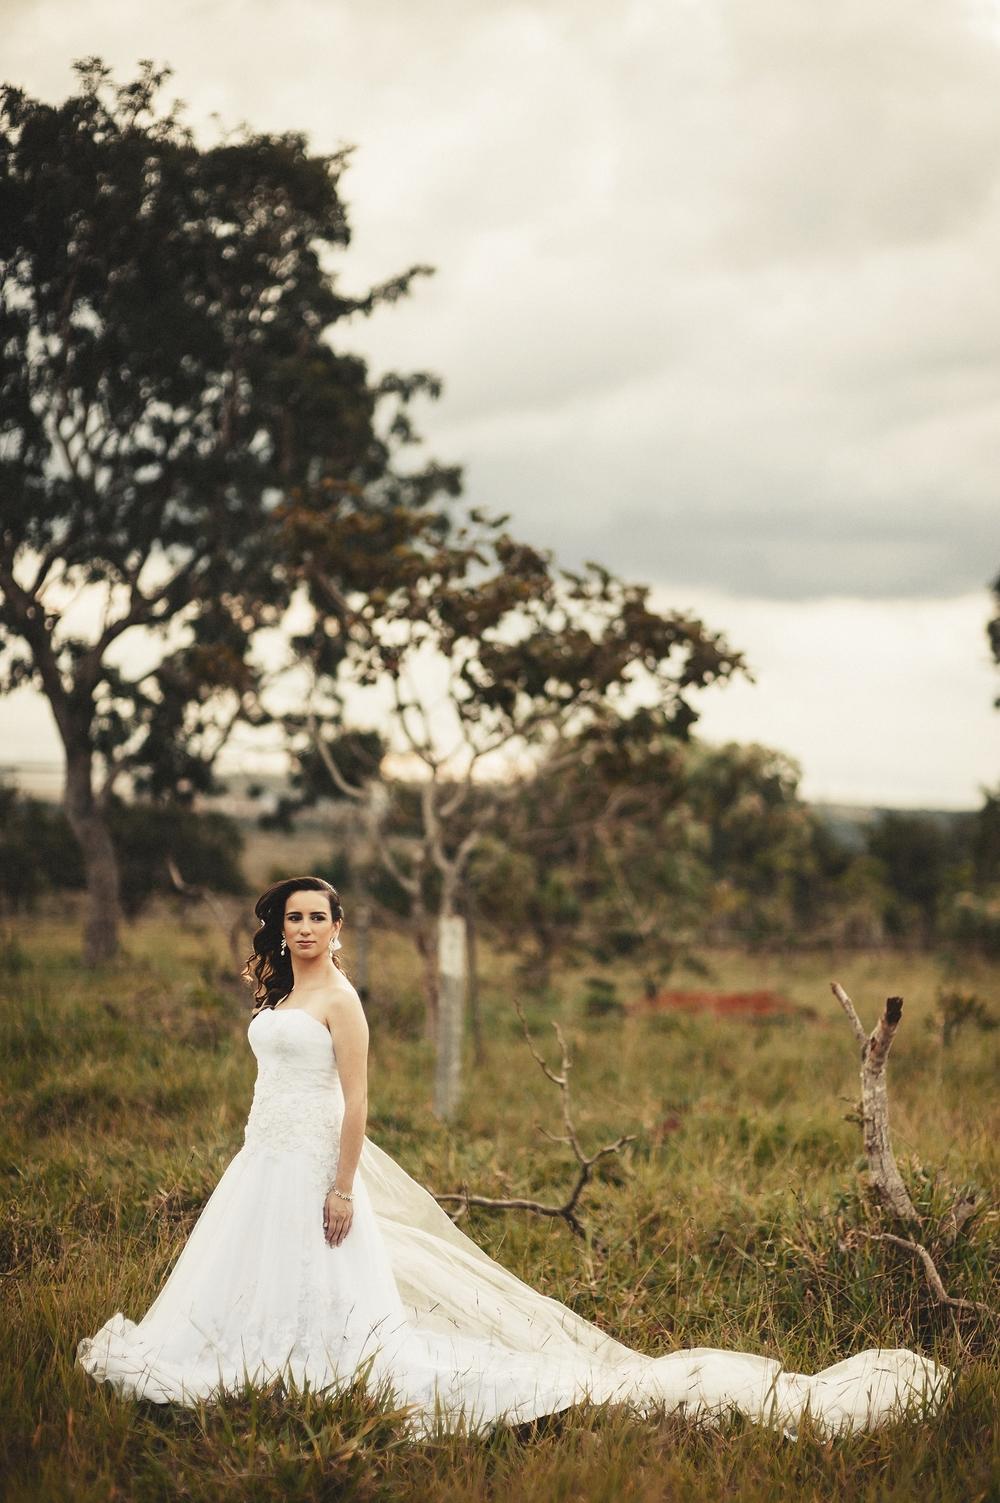 Sessao noiva-259-filme.jpg